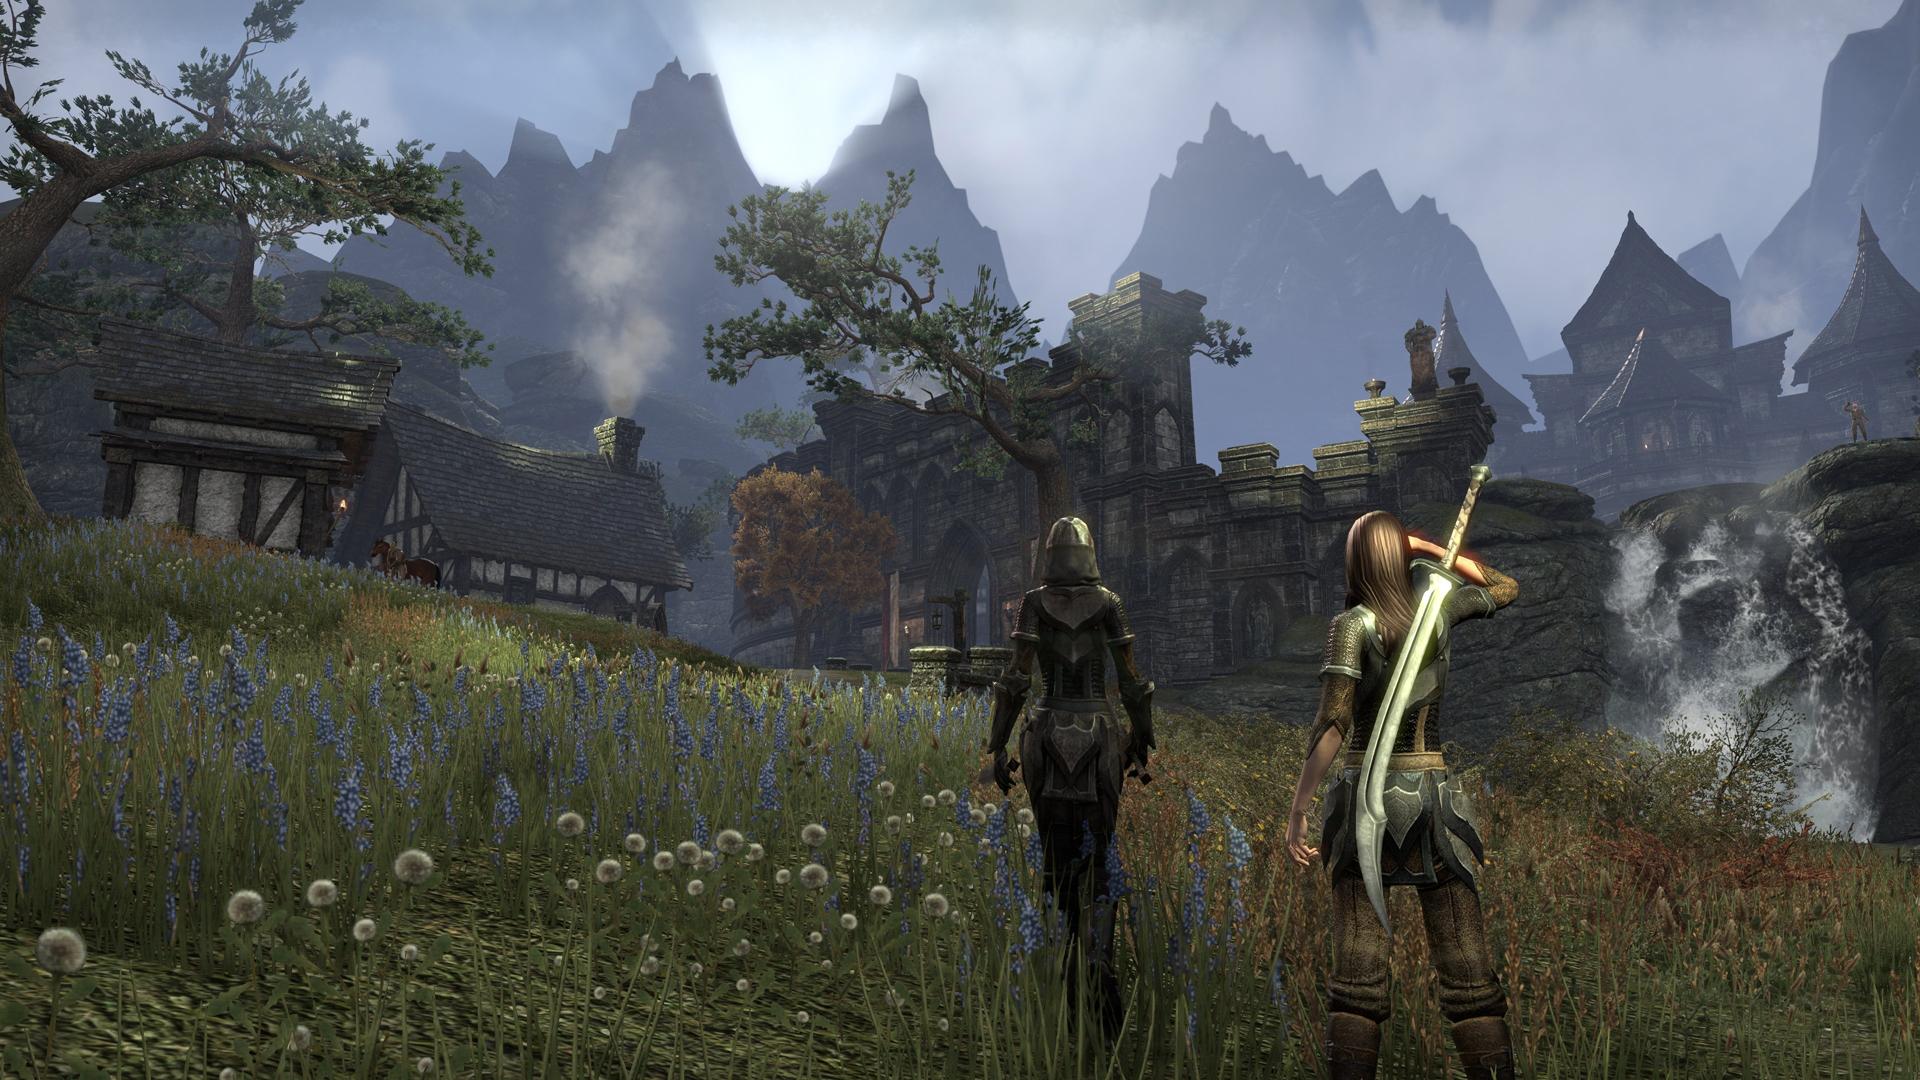 「Elder Scrolls」シリーズとエンジンは別ということだが、同シリーズの魅力であるハイファンタジーの雰囲気はたっぷりだ